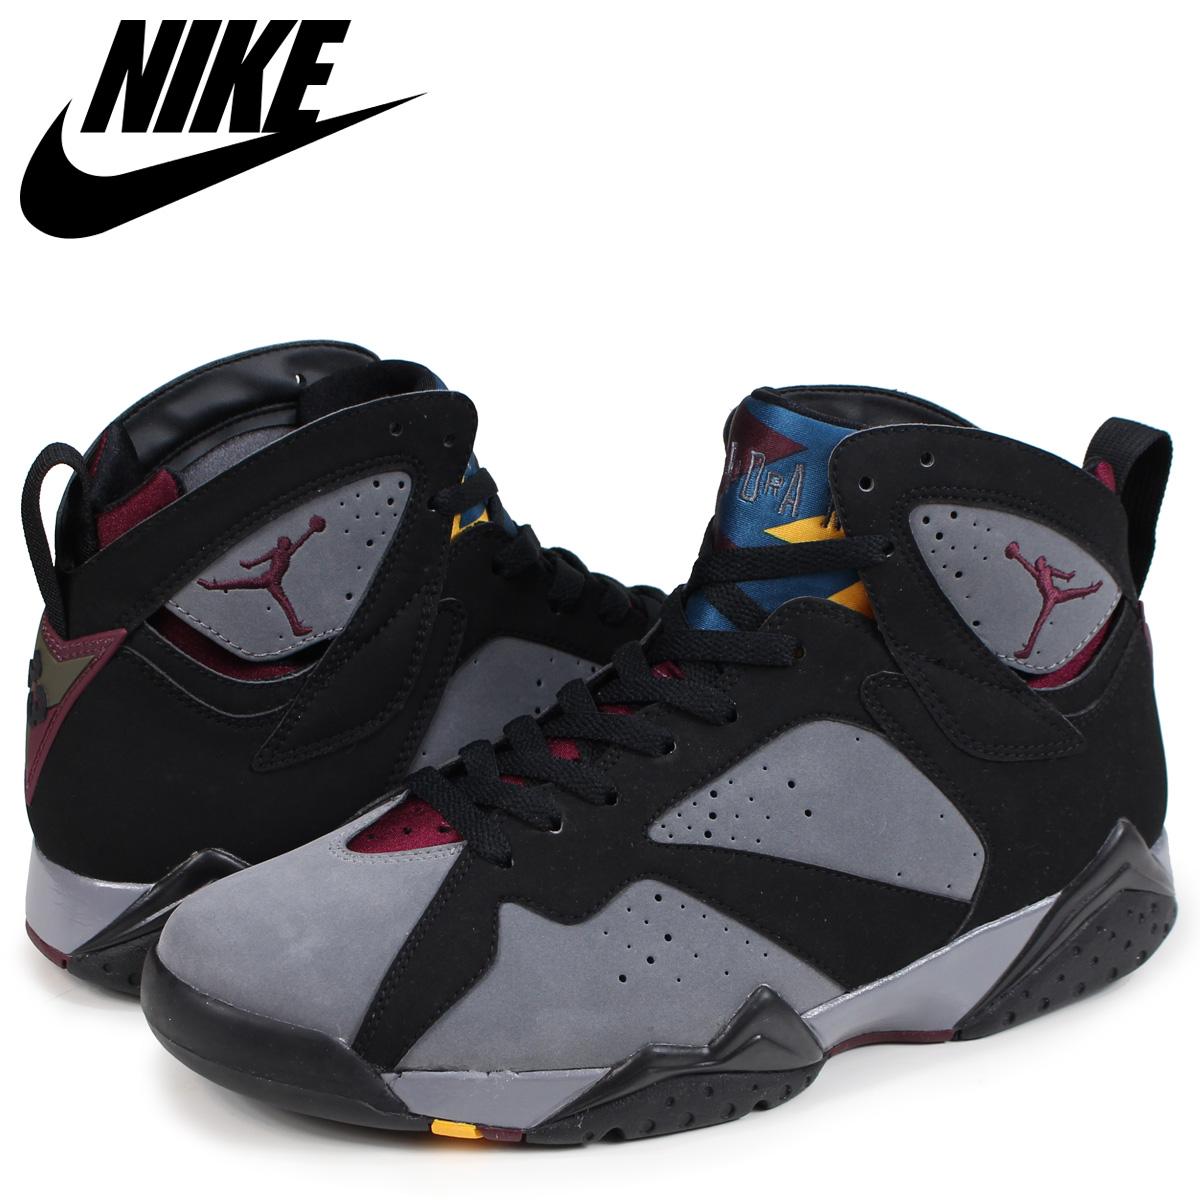 online store 74a78 69b38 NIKE Nike Air Jordan 7 nostalgic sneakers men AIR JORDAN 7 RETRO  304,775-003 black black